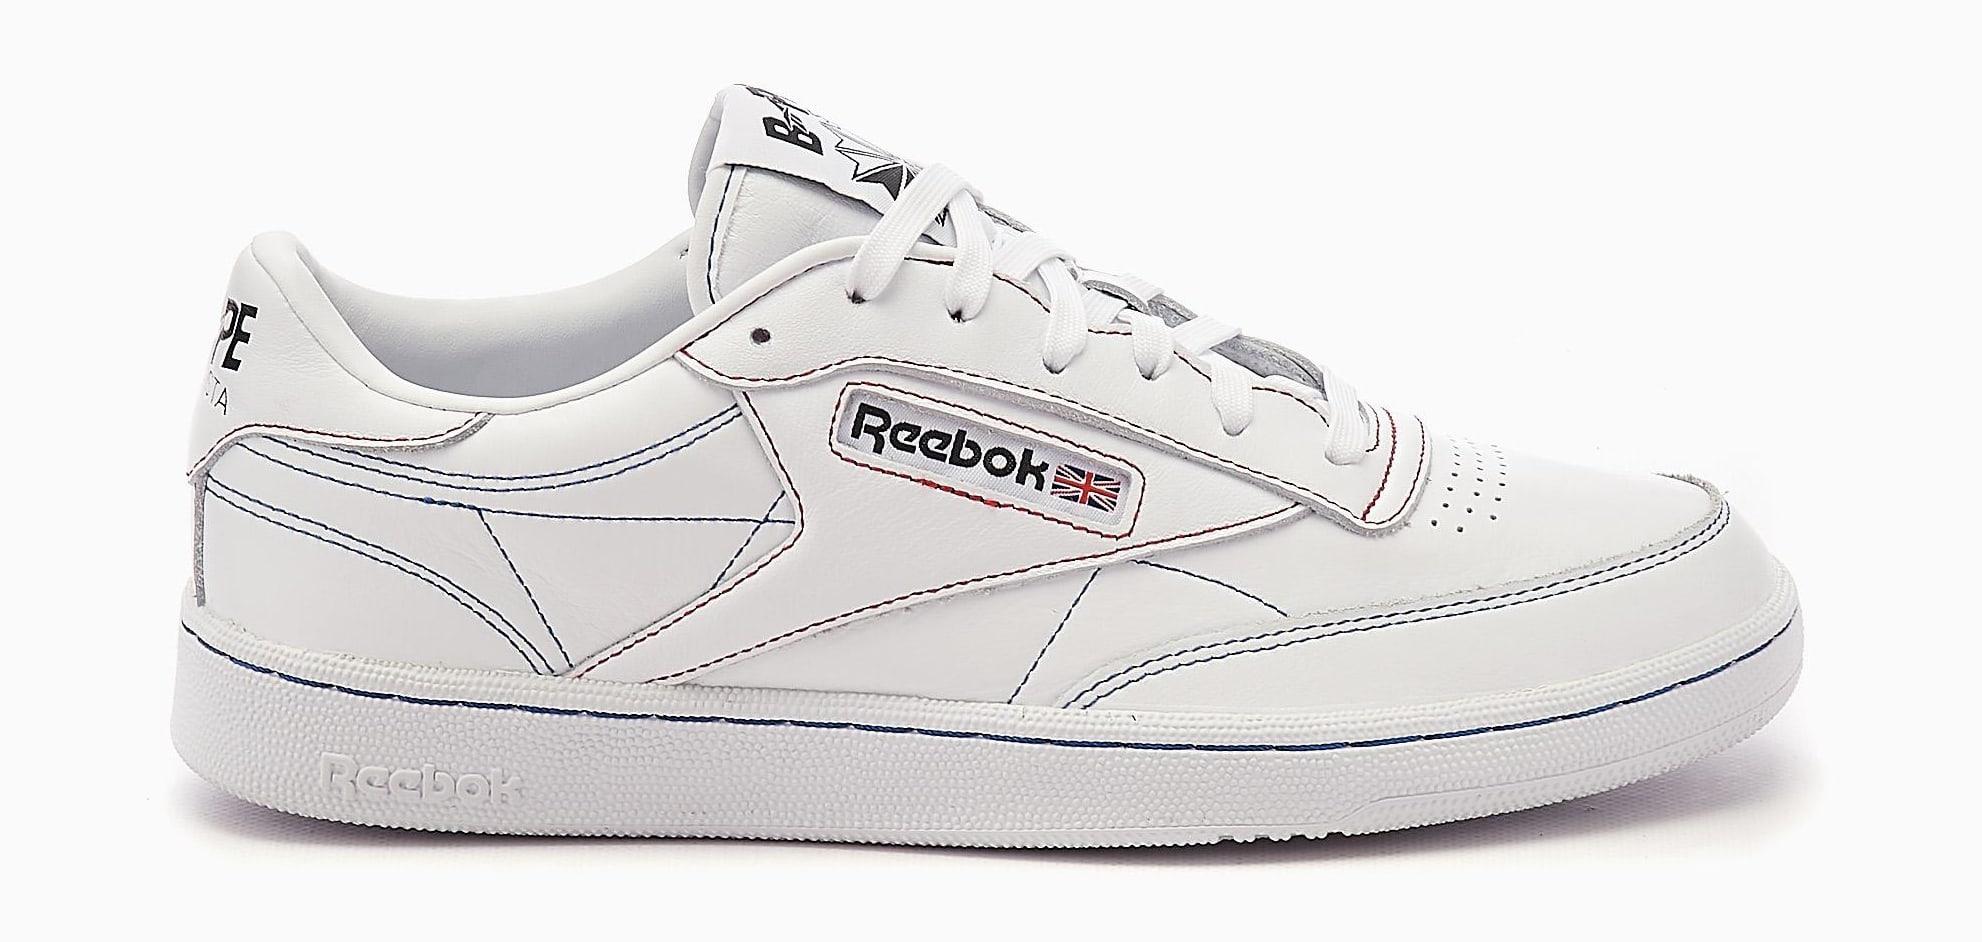 Bape x Reebok Club C Q47367 Lateral